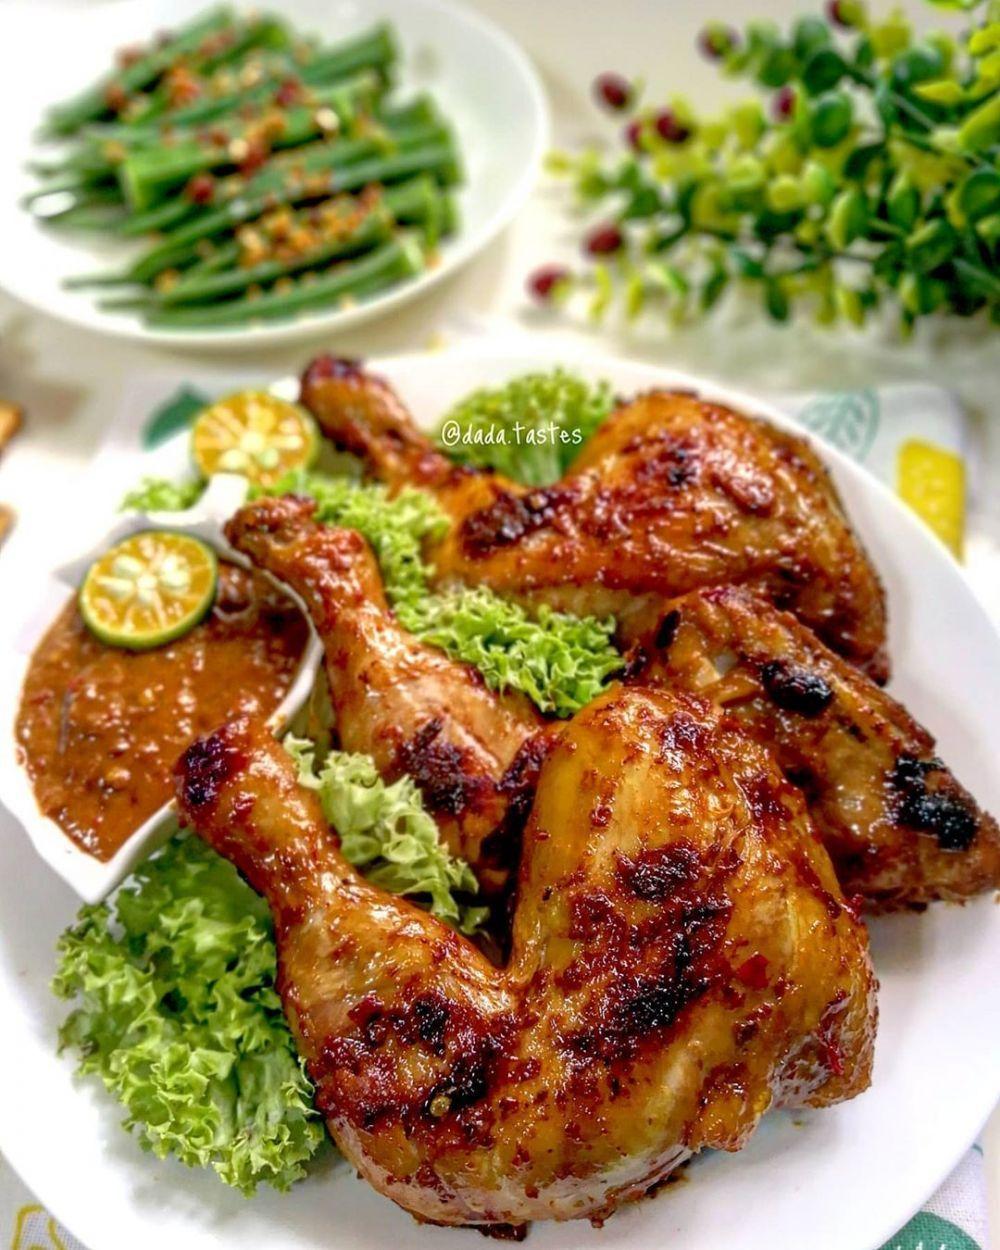 Resep Olahan Ayam Sederhana C 2020 Brilio Net Instagram Yulichia88 Instagram Novita Sari Resep Ayam Resep Masakan Asia